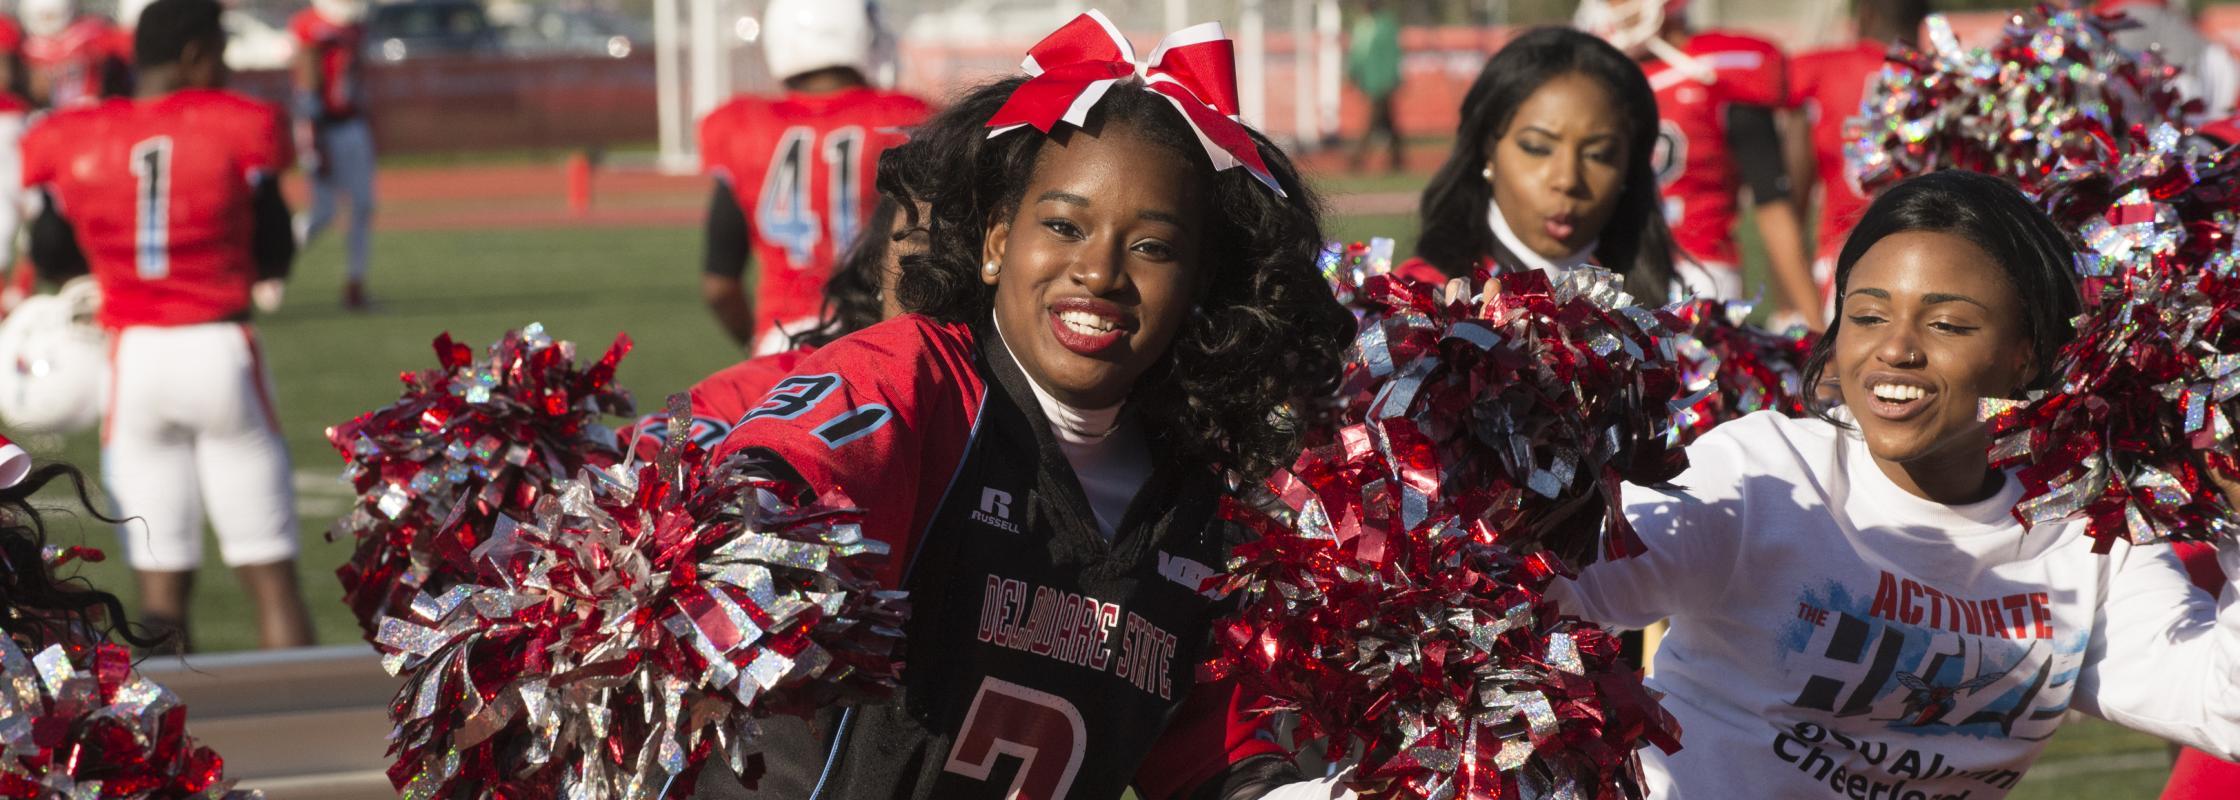 Cheerleaders at homecoming